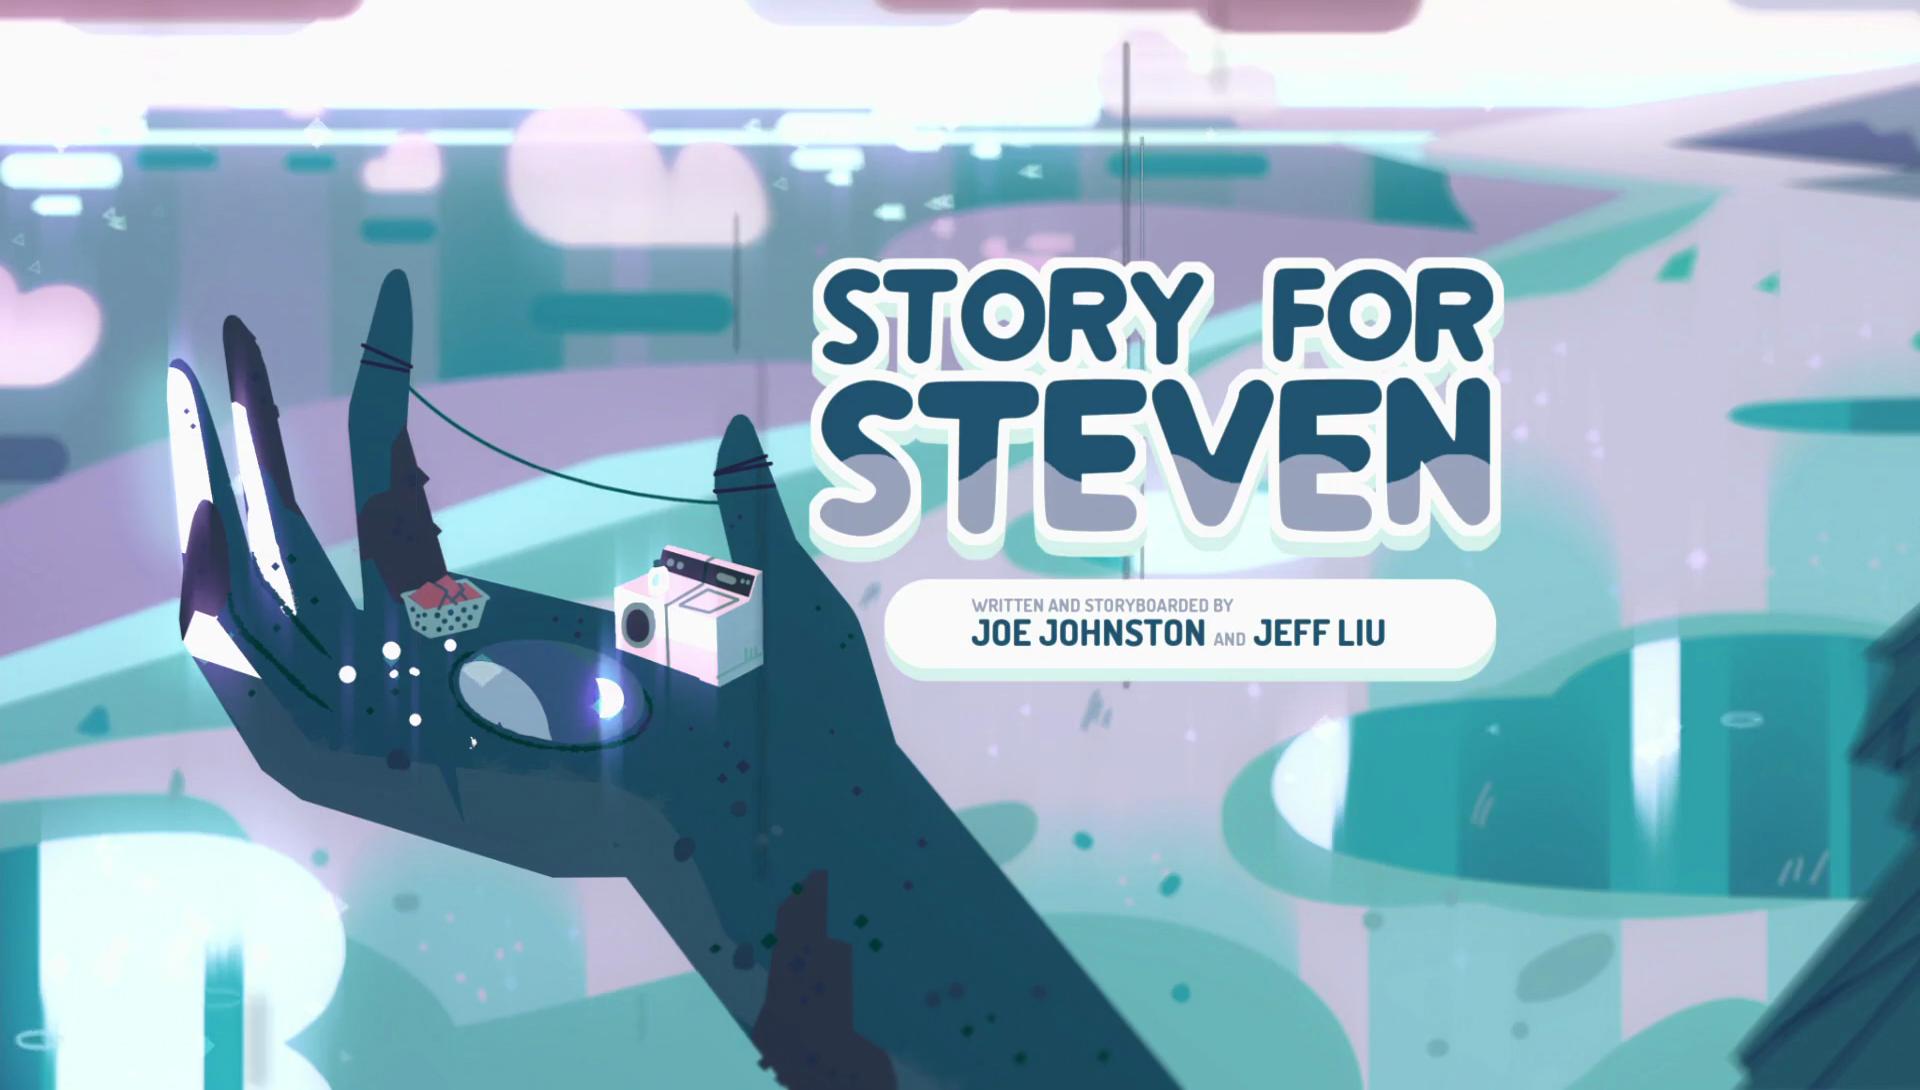 Story for Steven/Gallery